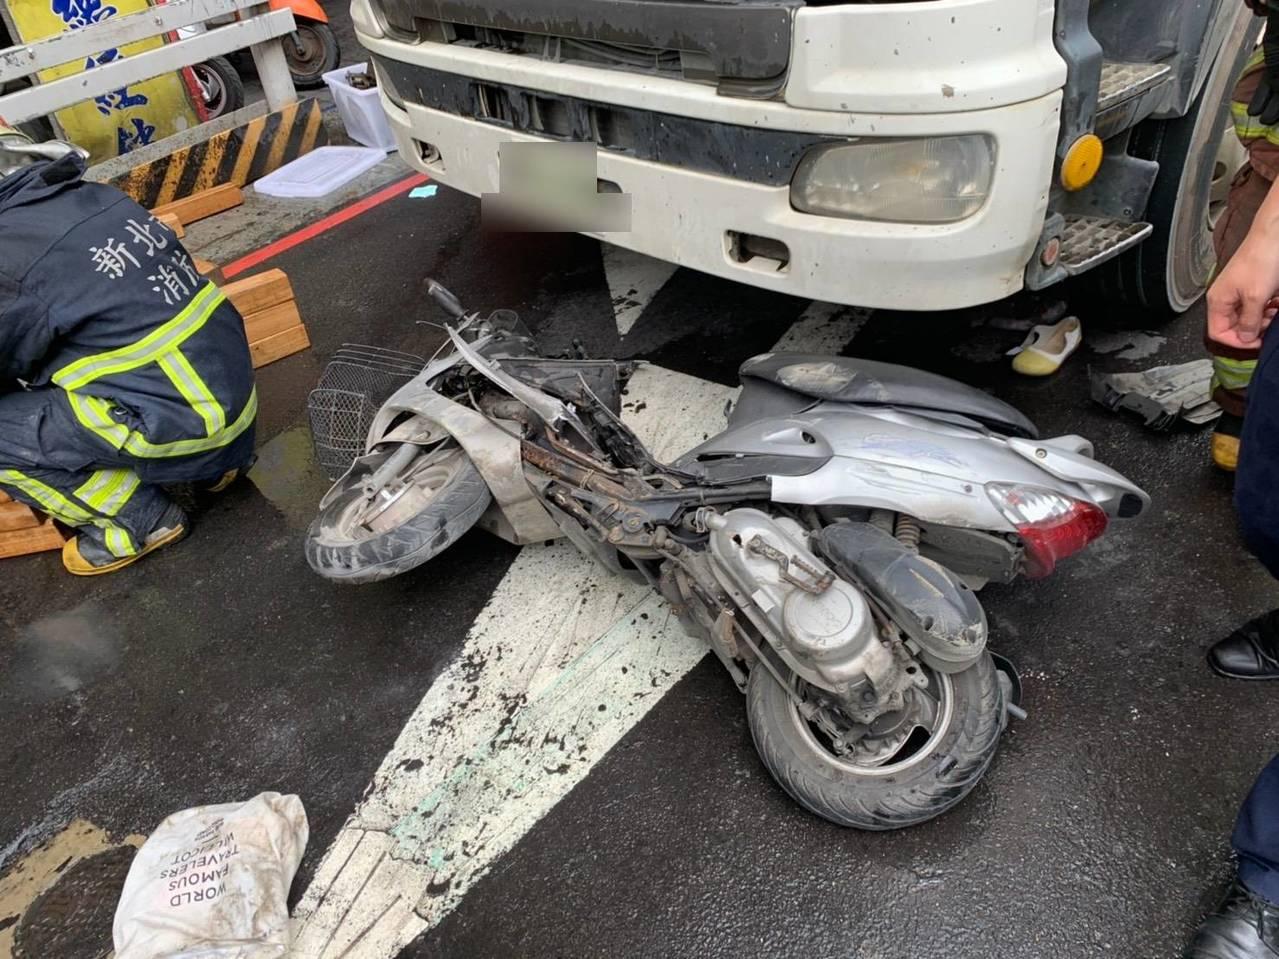 陳男疑因內輪差,未注意到右側位於視線死角,騎乘機車的郭女,與她發生碰撞後將她連人...